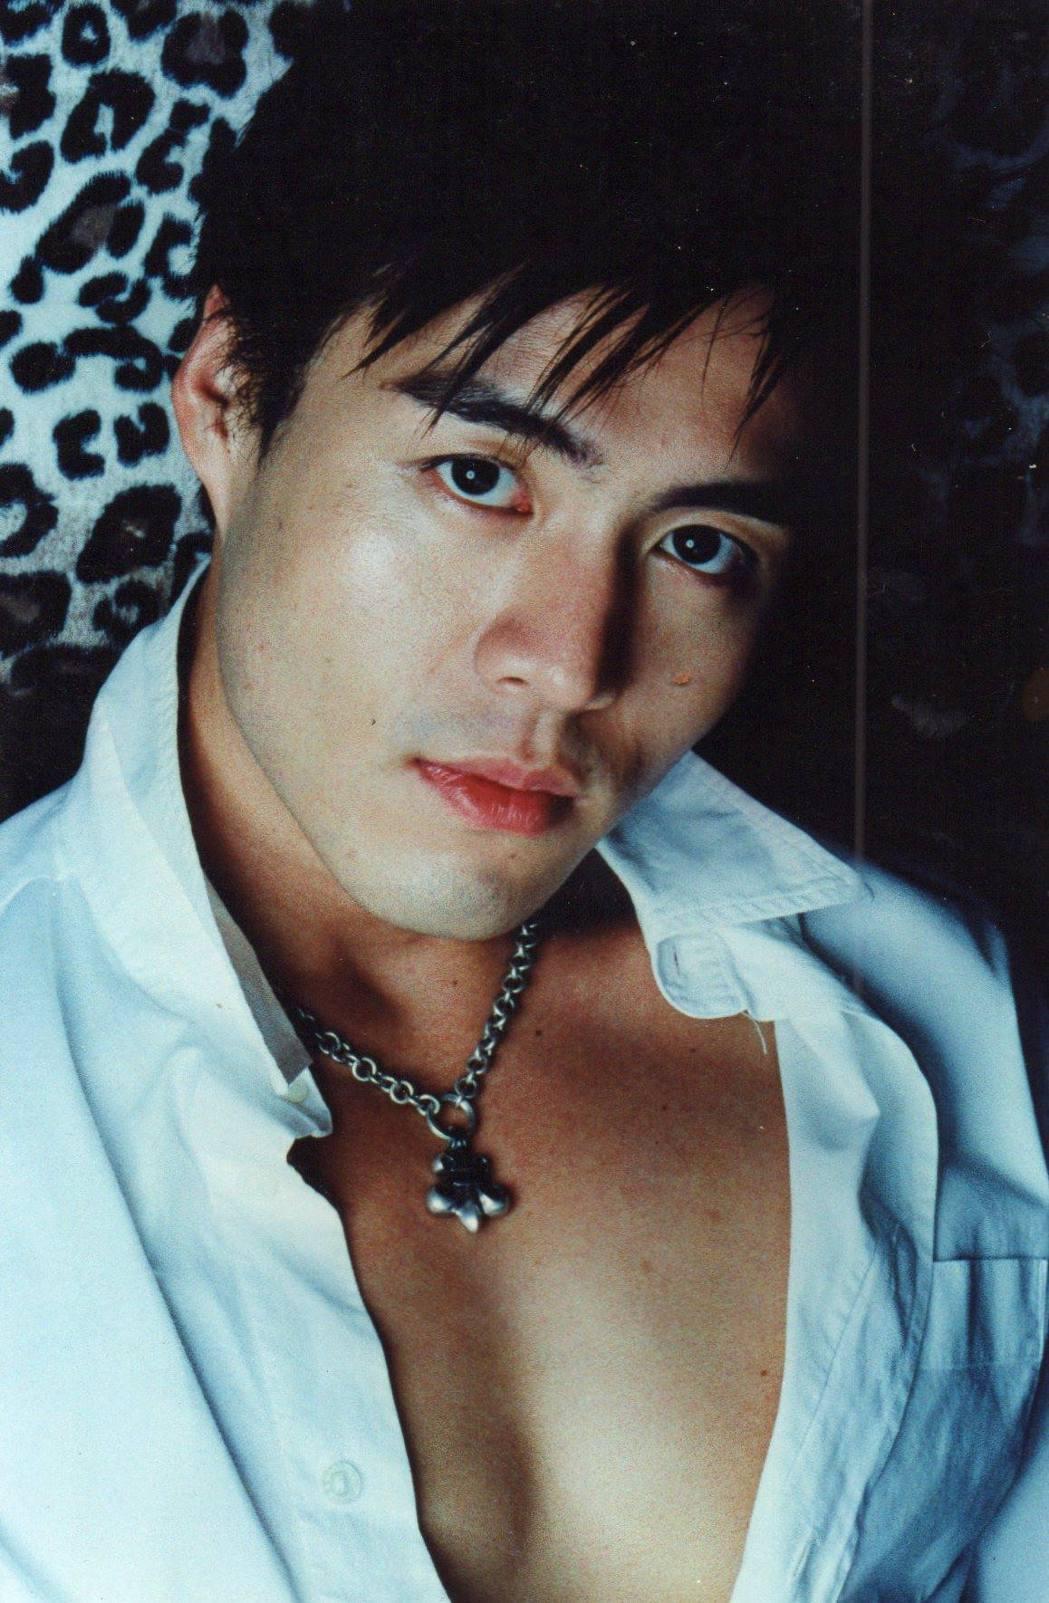 劉至翰20年前差一點是「流星花園」中的道明寺。圖/摘自臉書